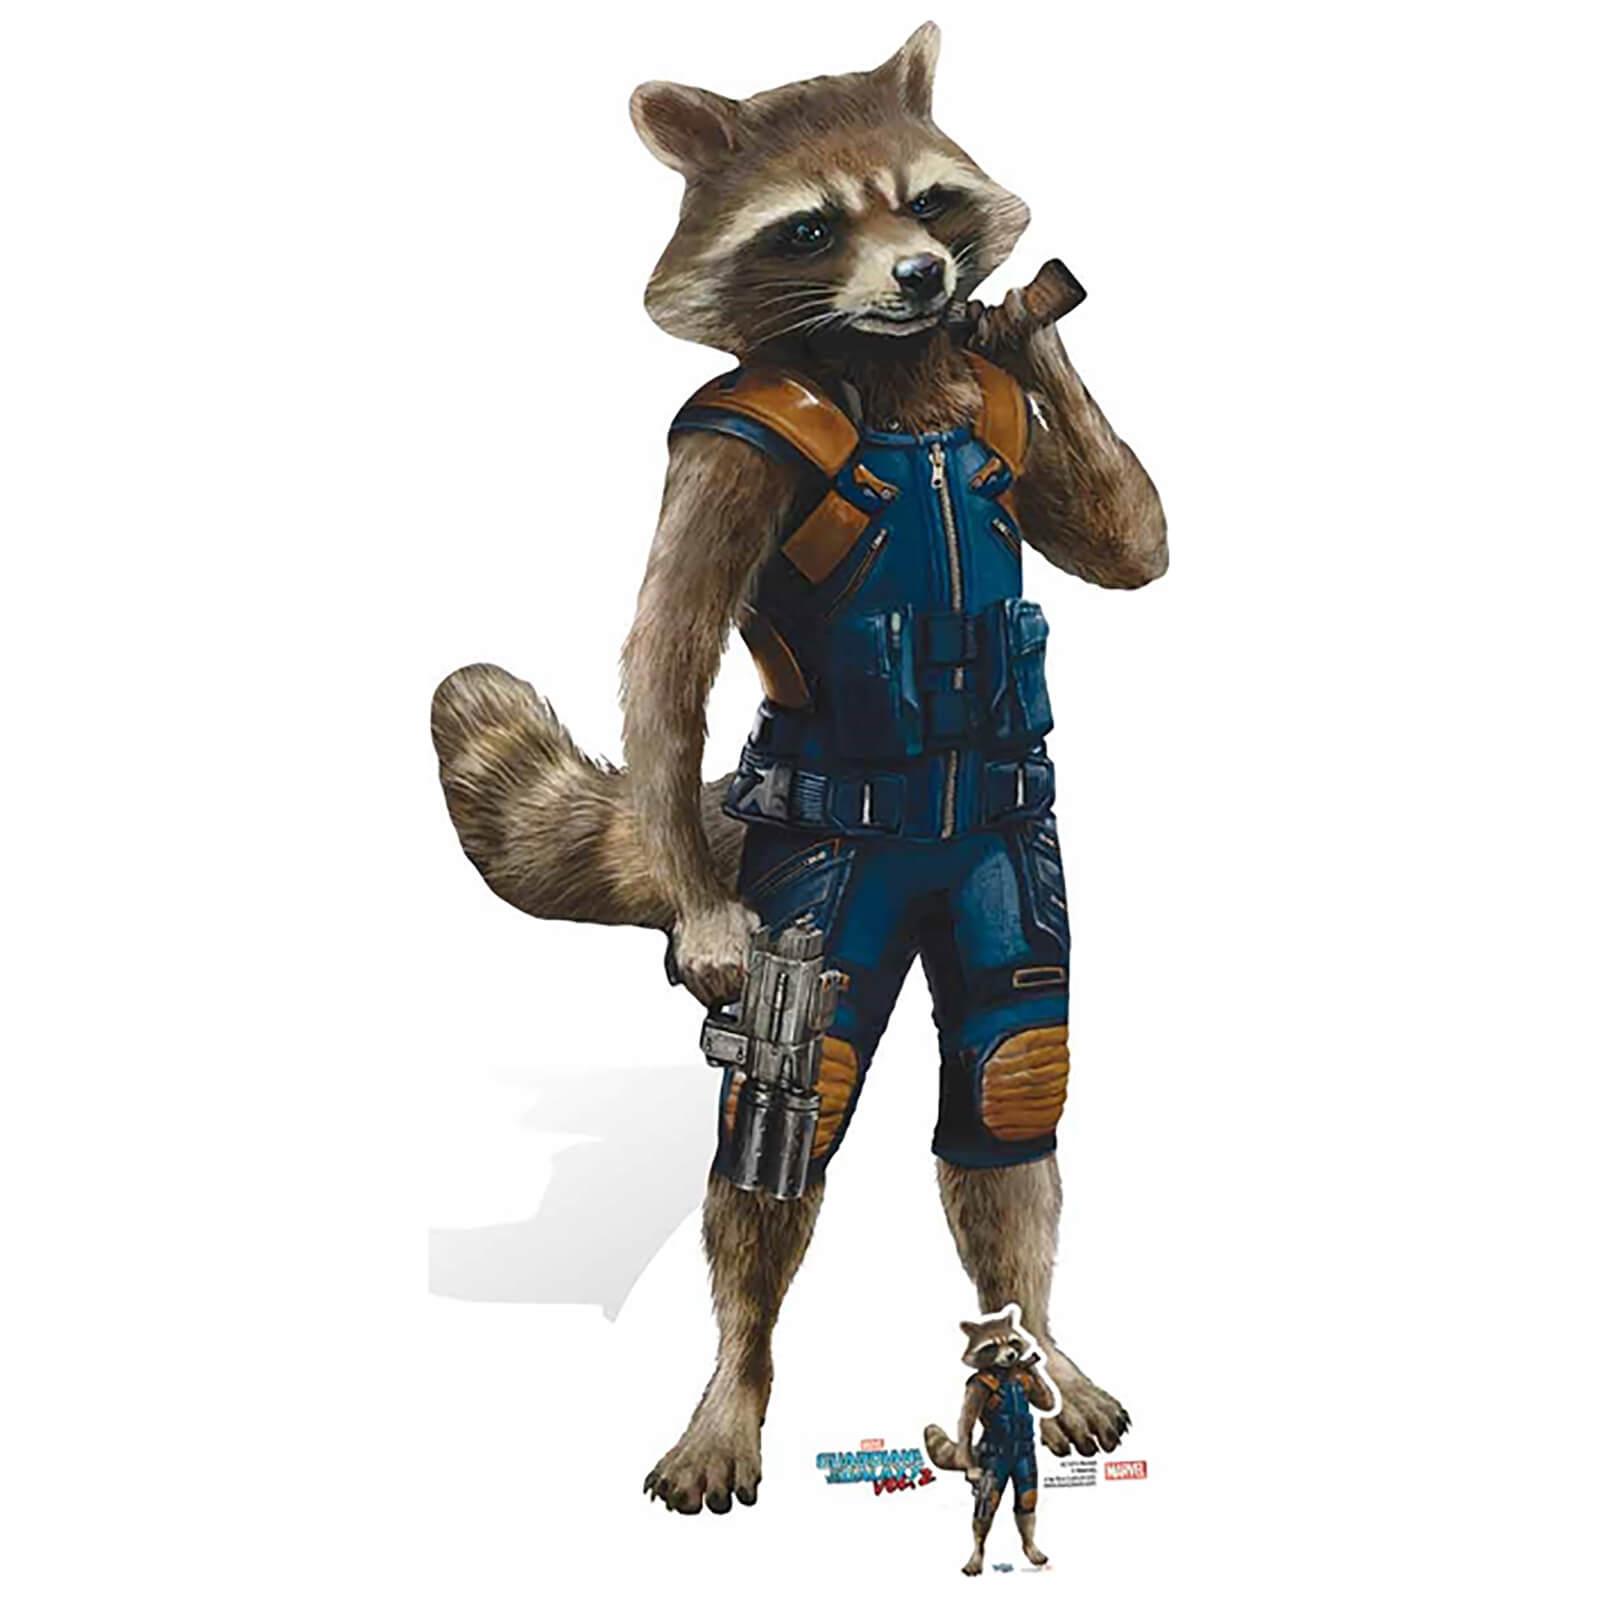 Guardians Of The Galaxy Volume 2 Rocket Racoon Cardboard